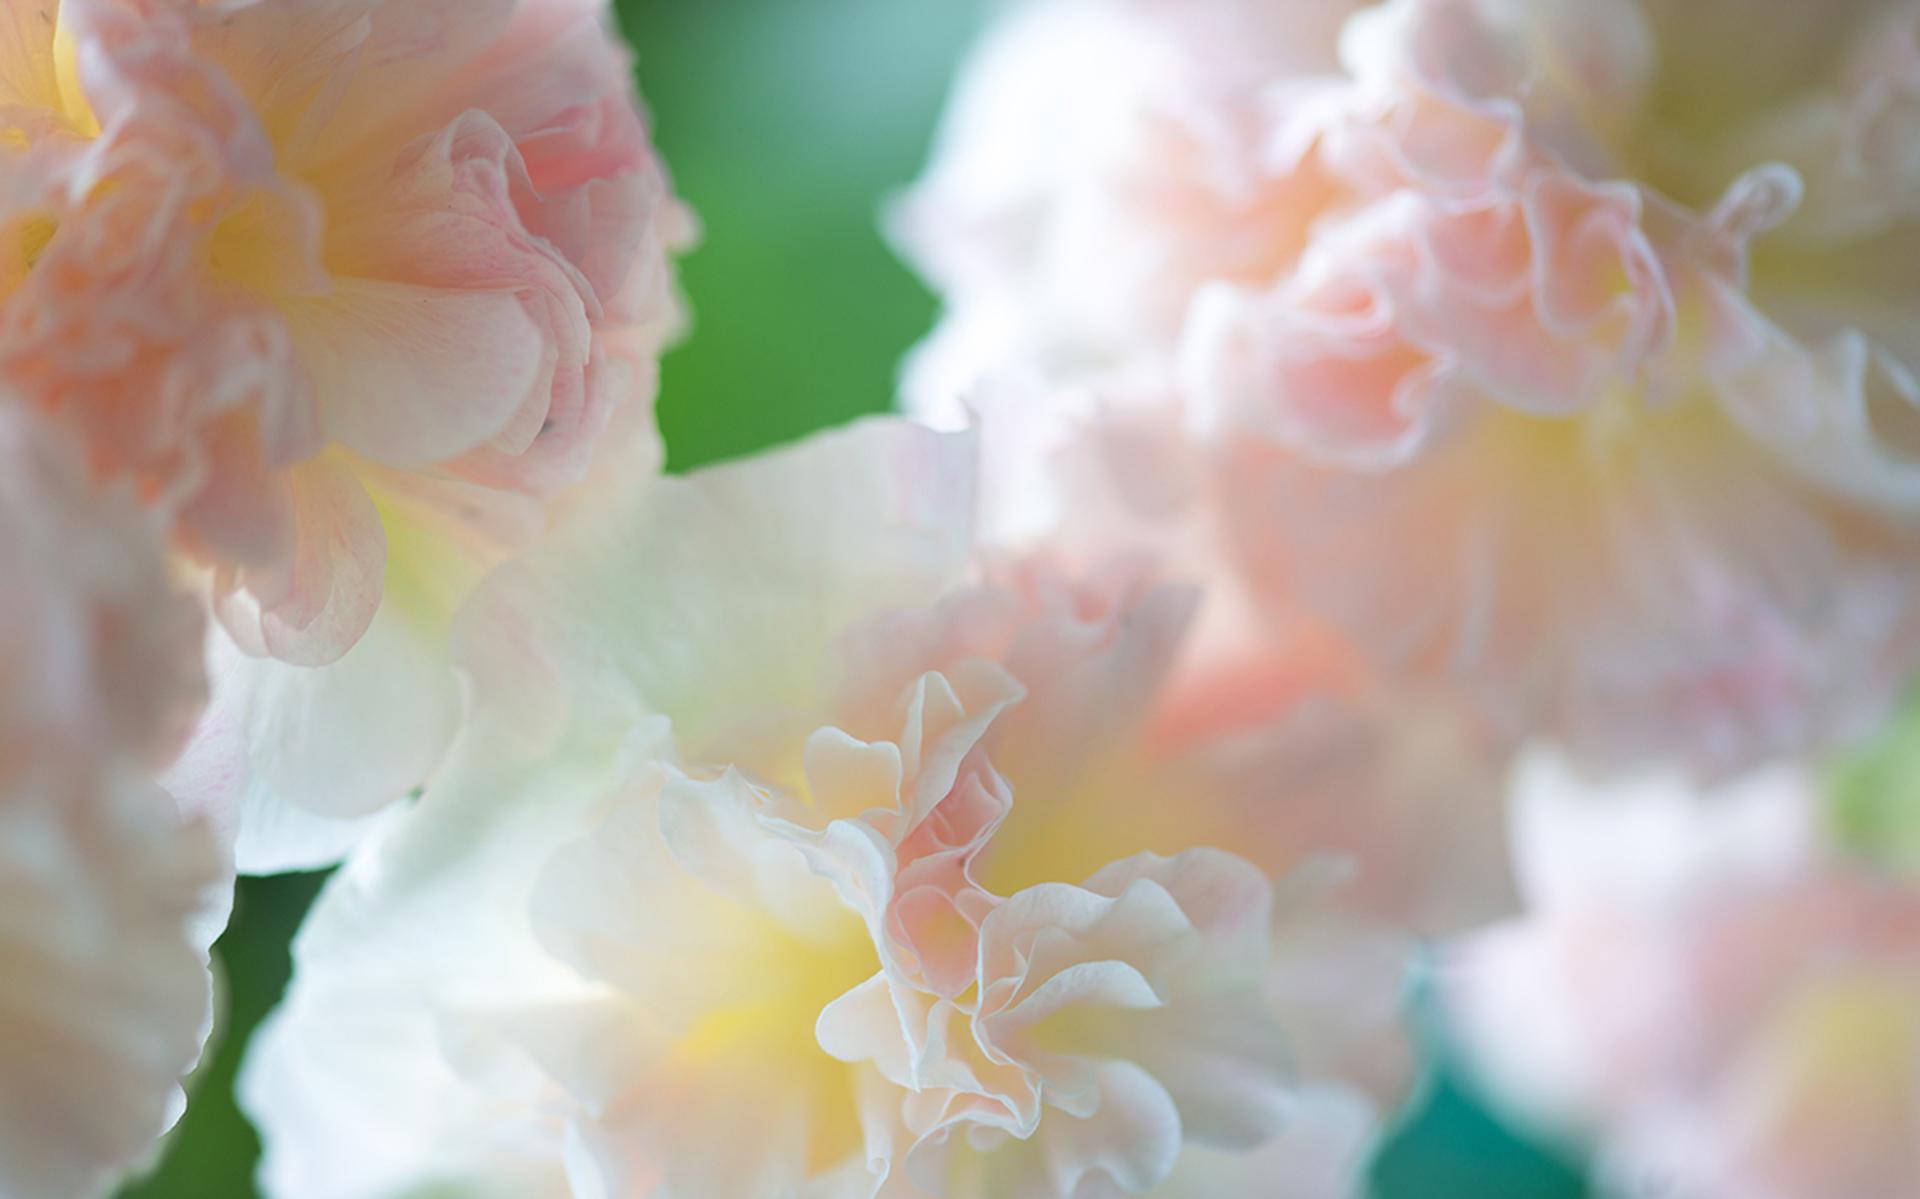 梦幻鲜花唯美花卉植物高清桌面壁纸